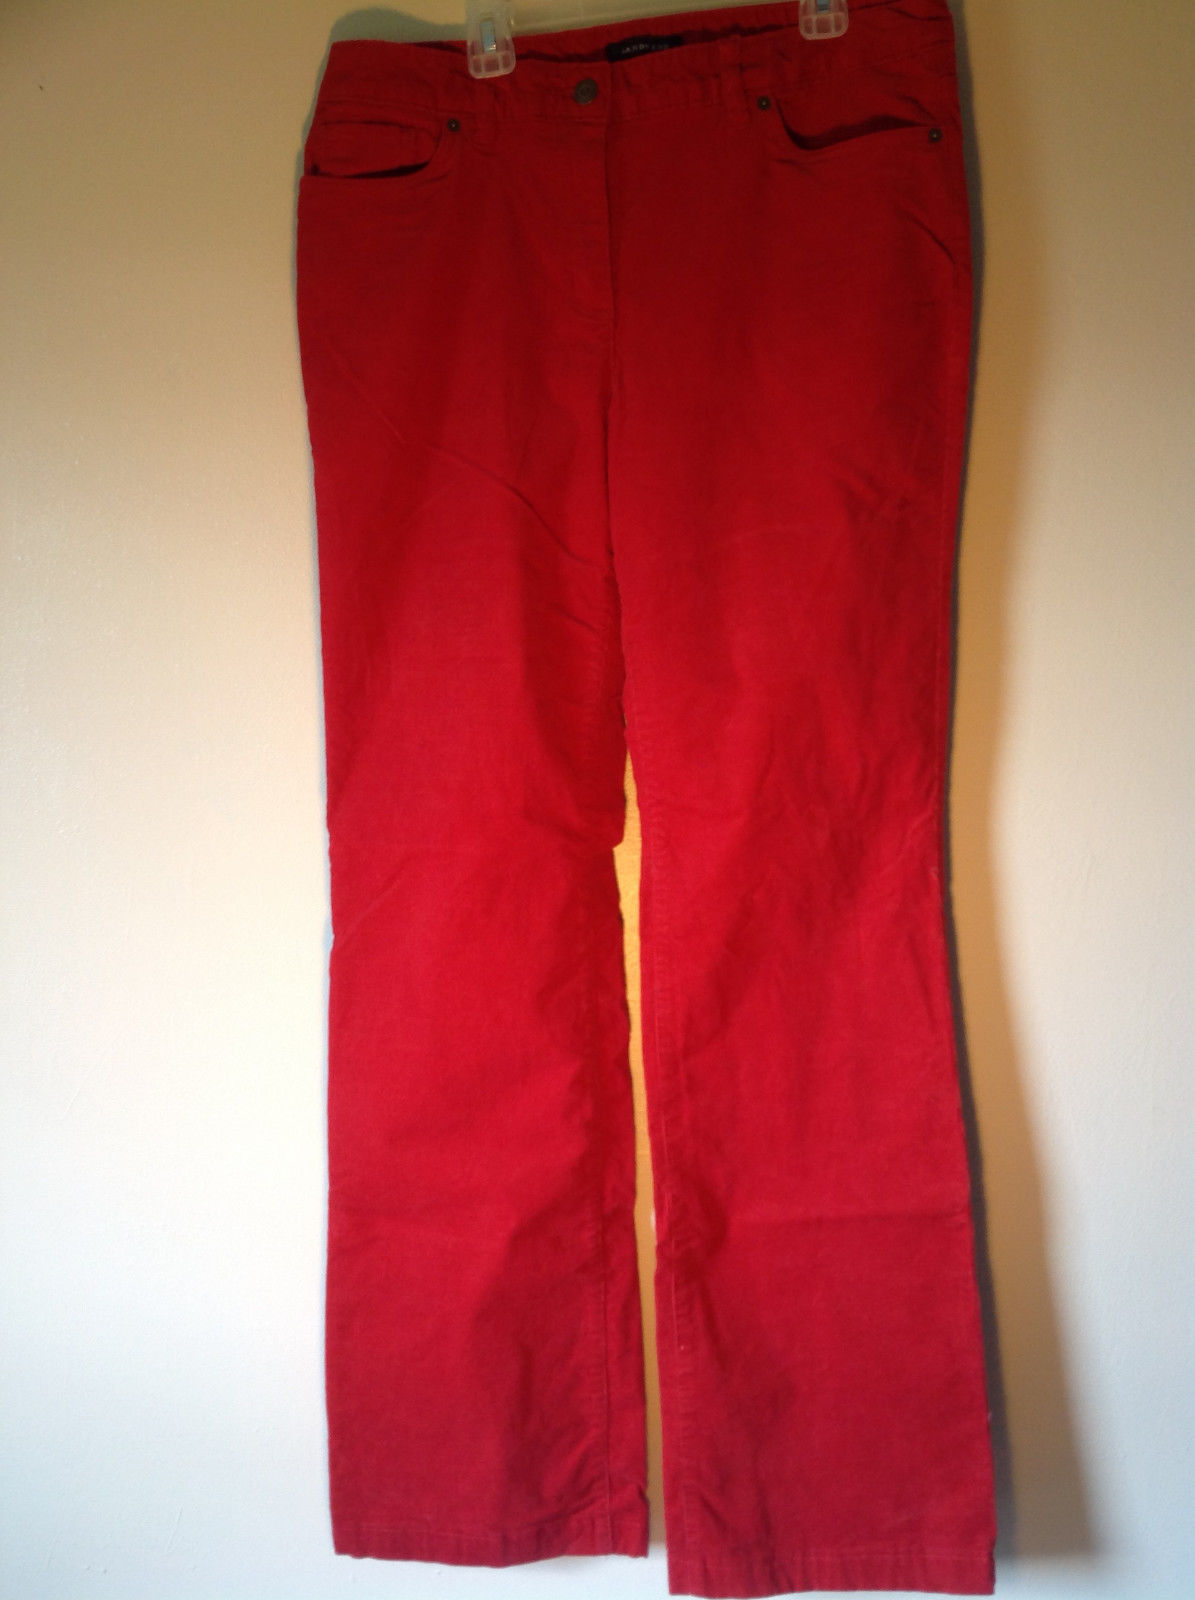 Lands End Red Corduroy Pants 2 Front Pockets 2 Back Pockets Size 10